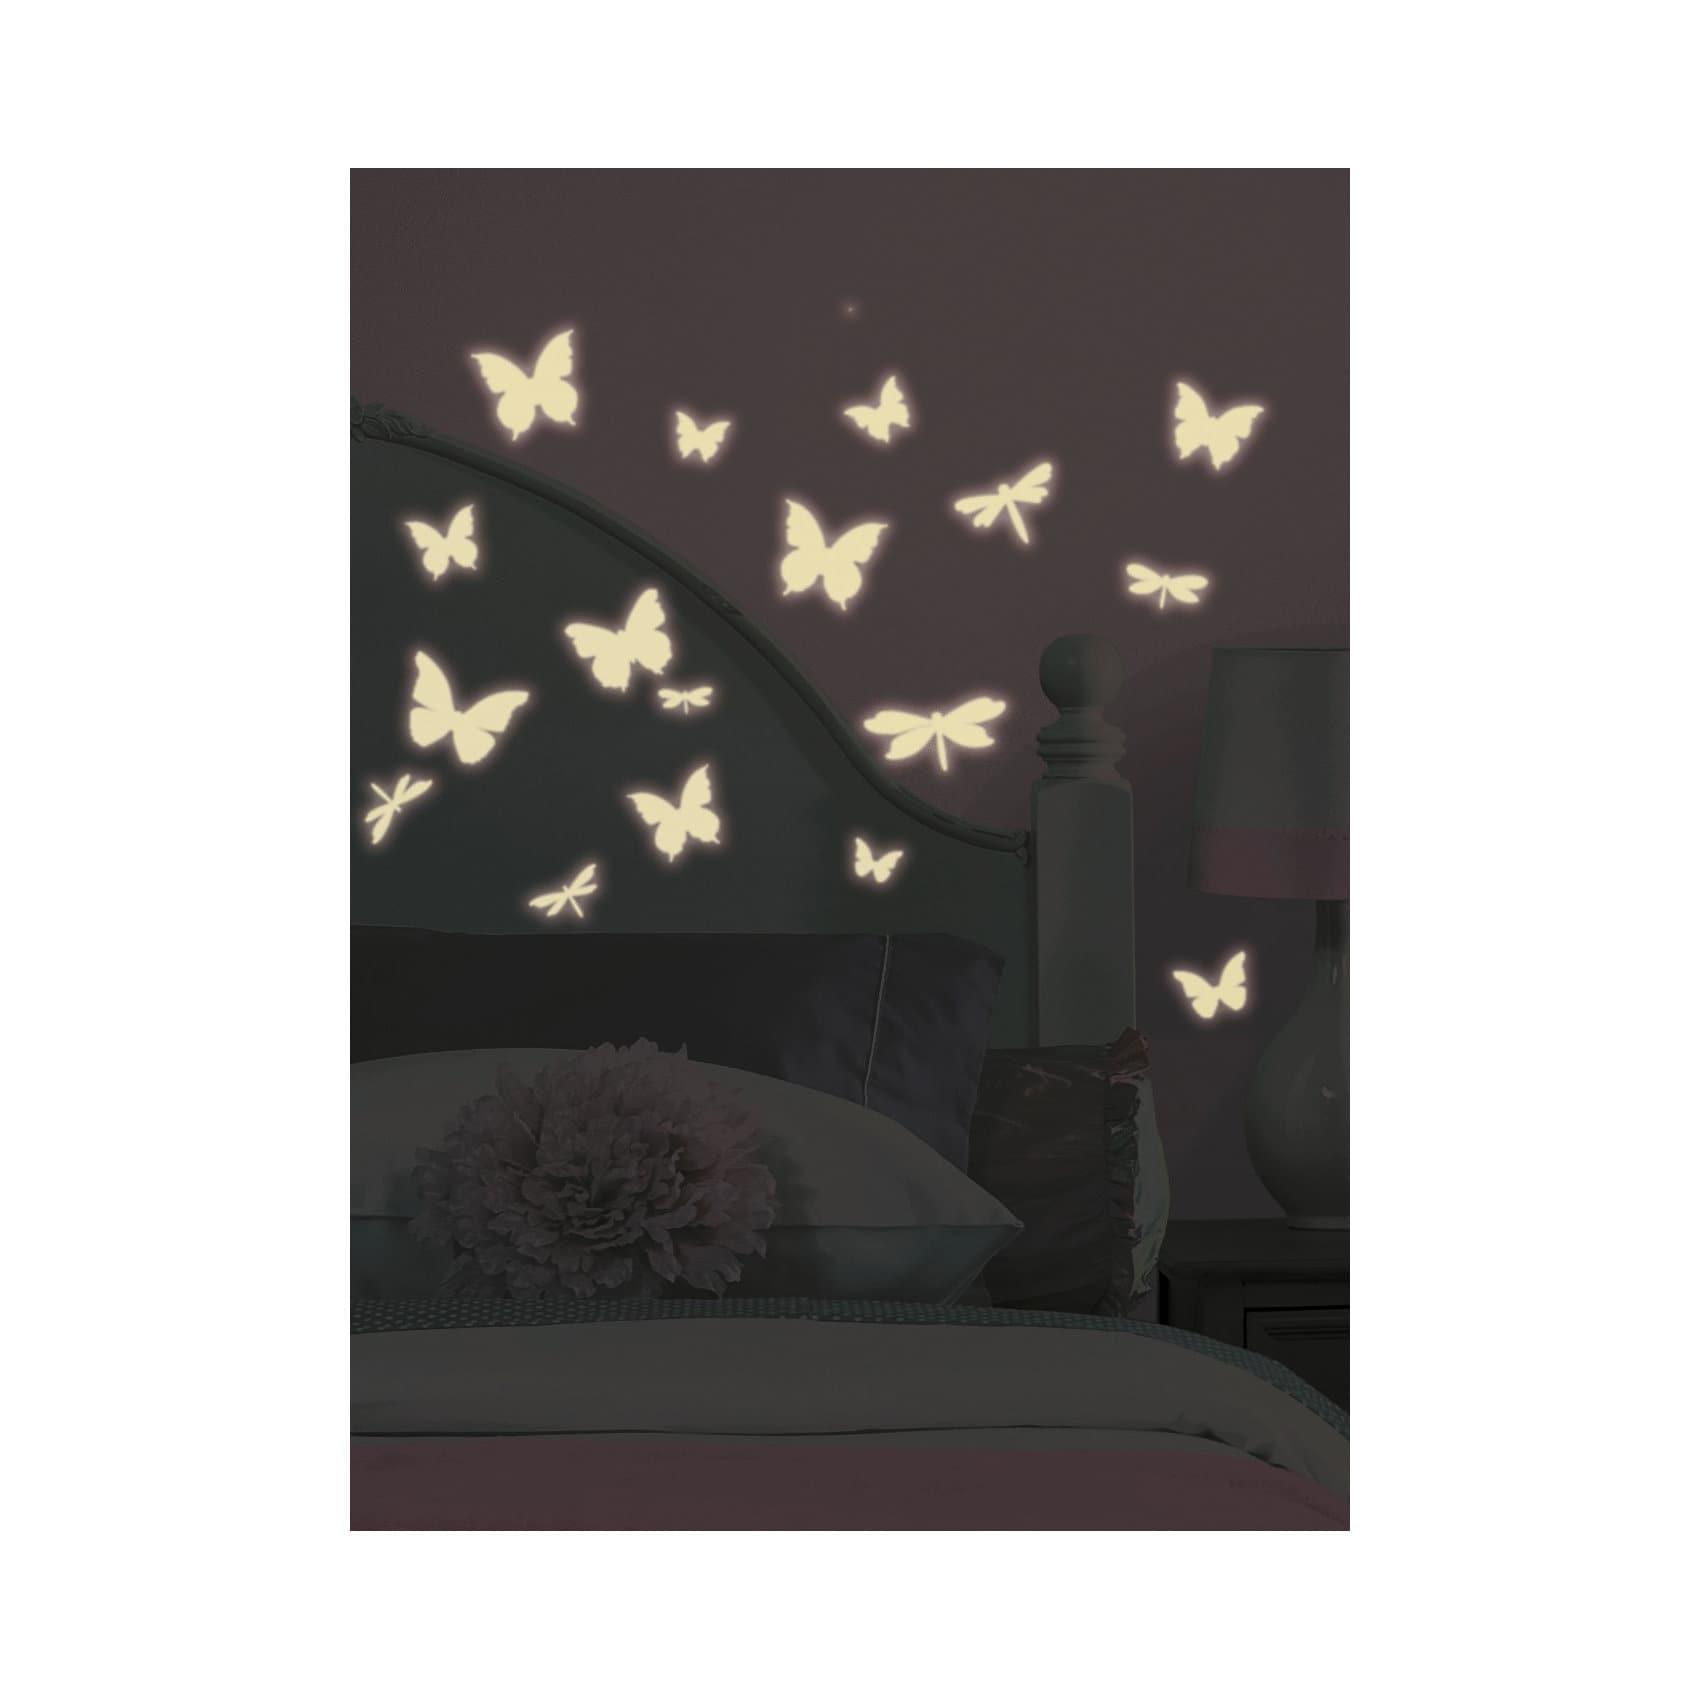 RoomMates Wandsticker Leuchtschmetterlinge Glow in Dark 79-tlg.